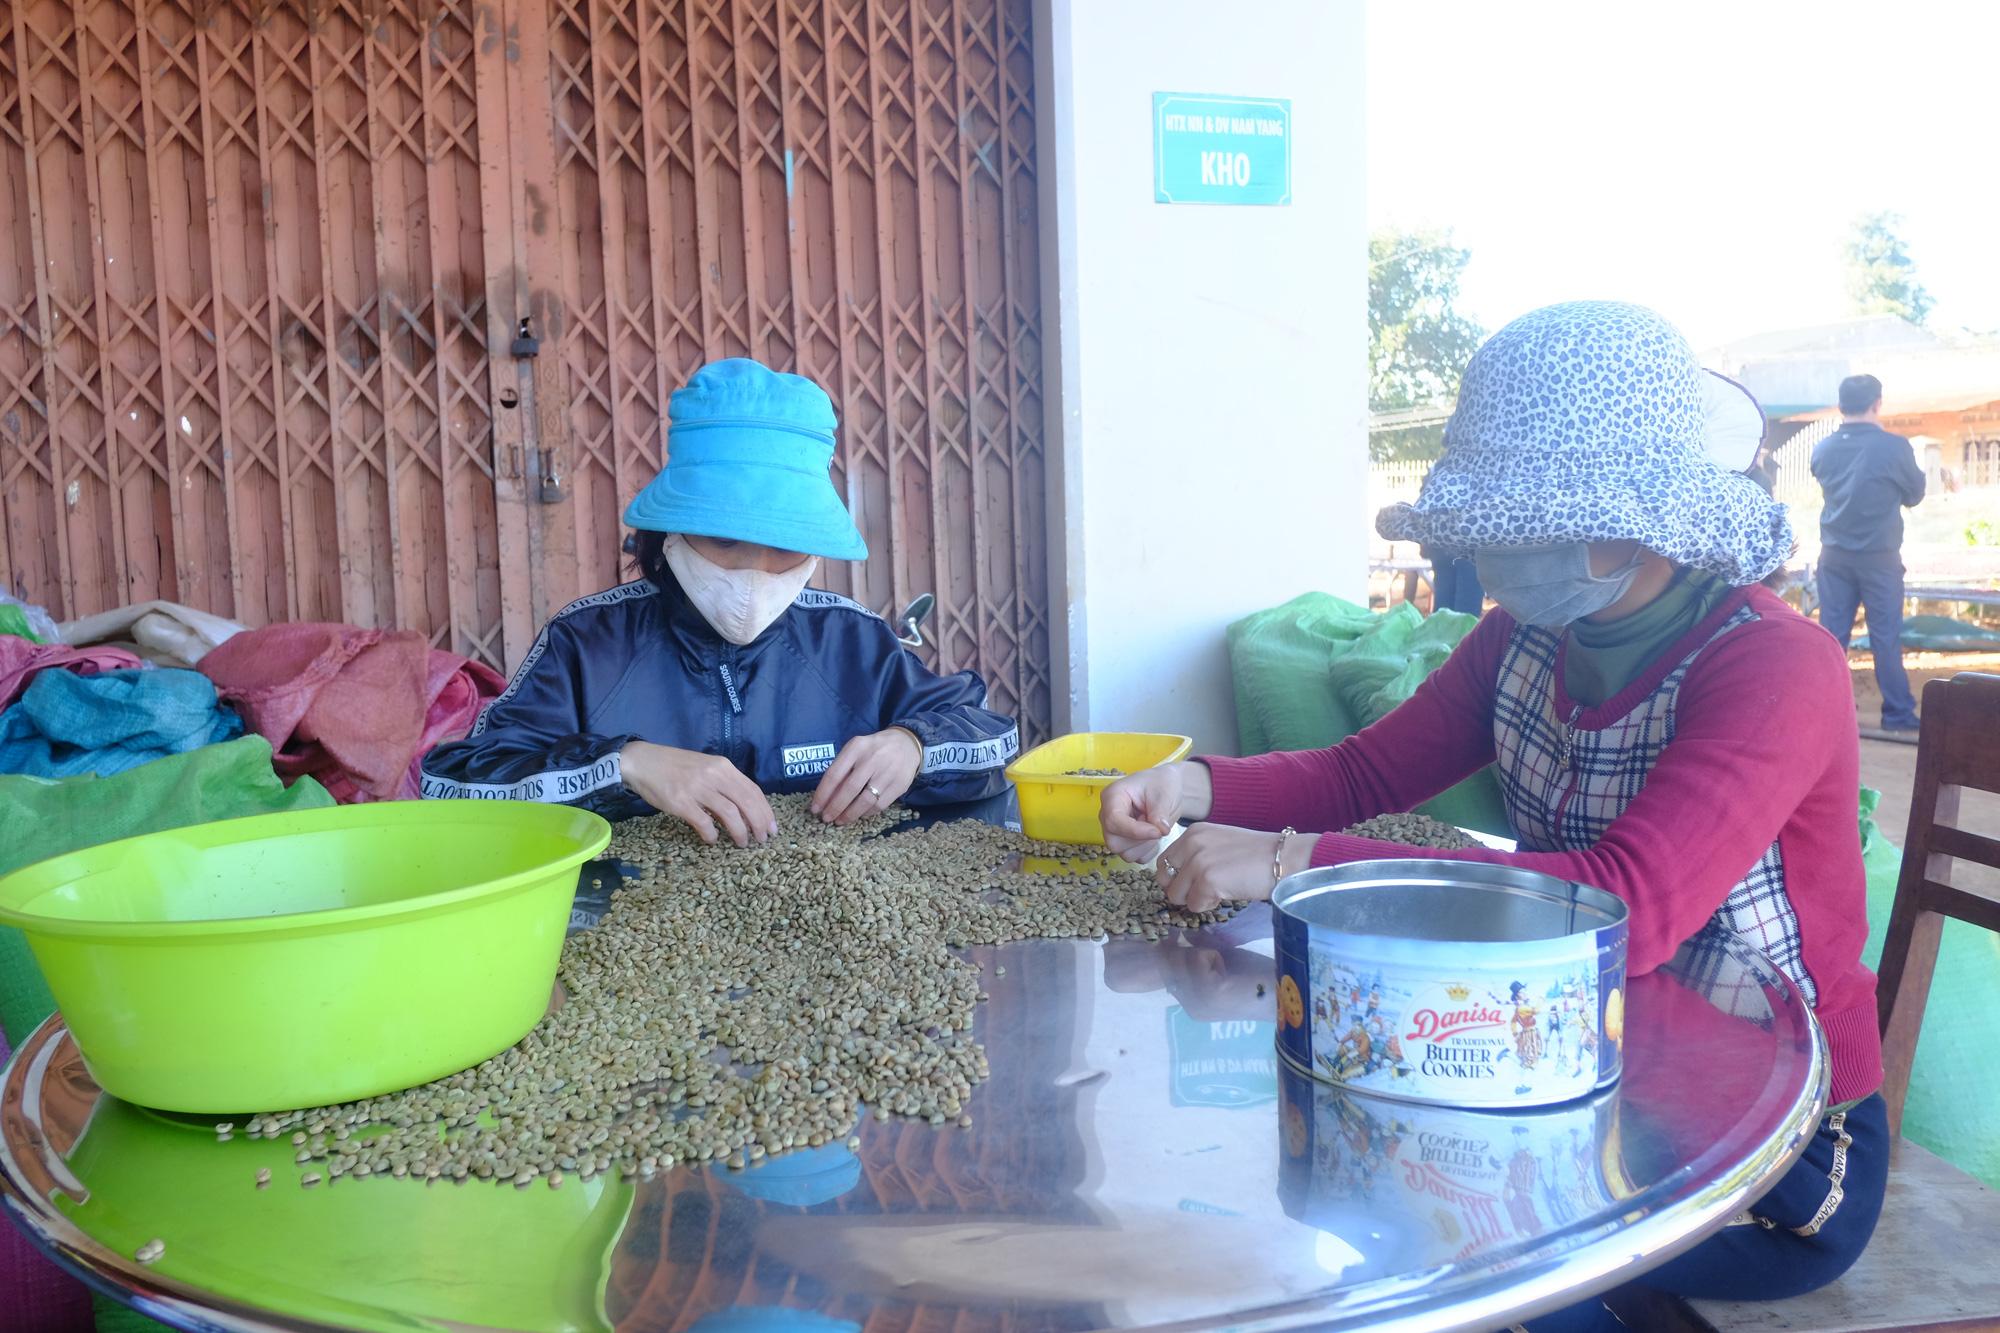 Trung Quốc đột nhiên mua nhiều loại nông sản này của Việt Nam, giá sẽ bật tăng? - Ảnh 1.